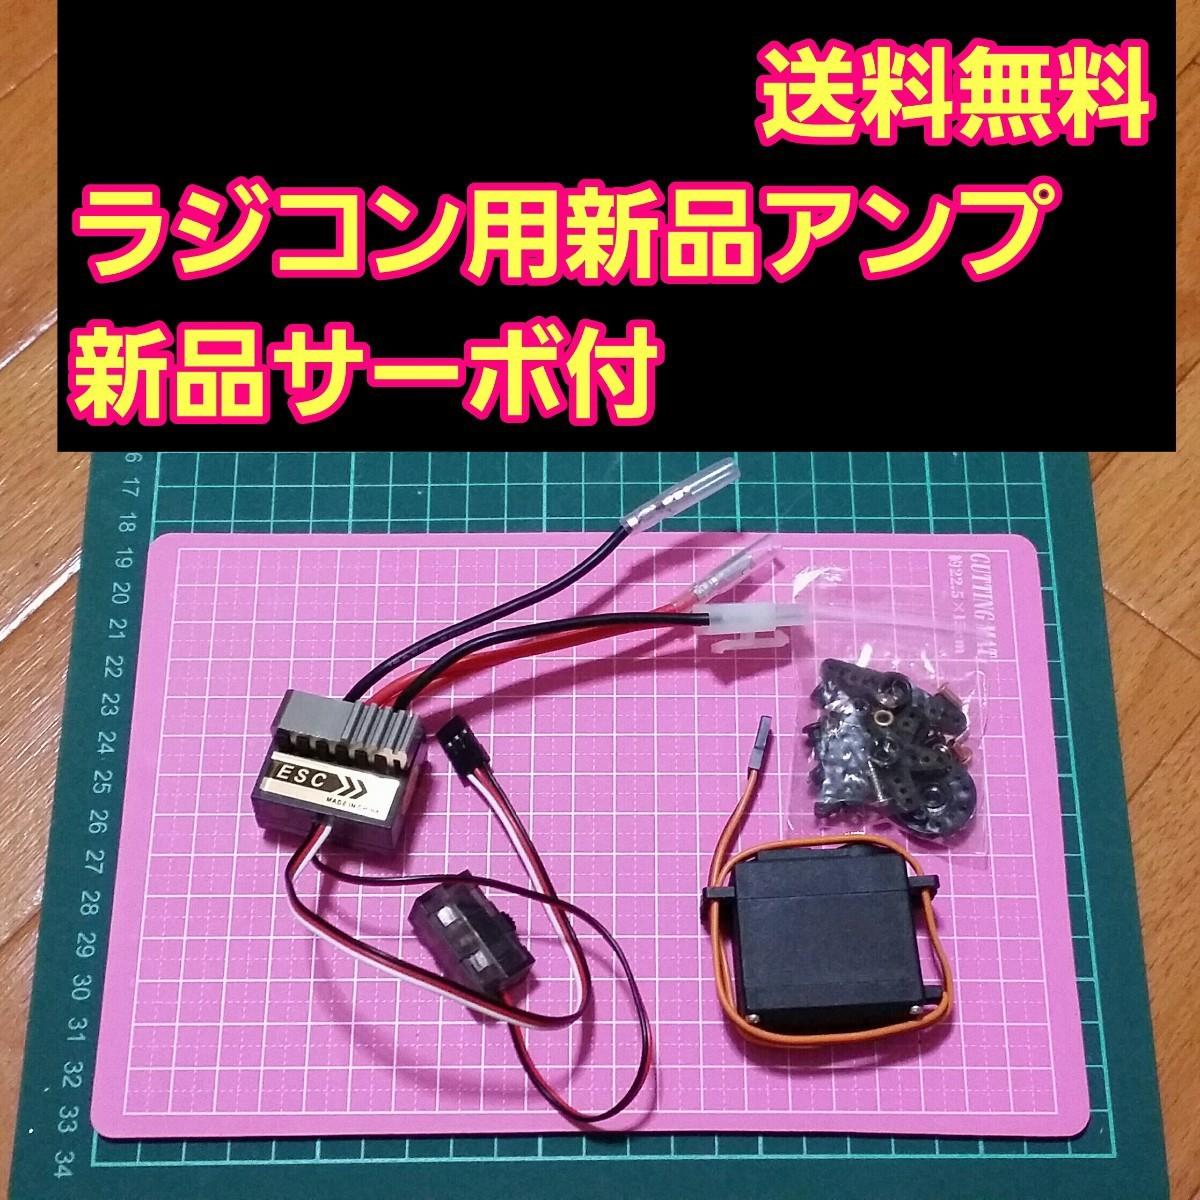 新品 ラジコン 用 アンプ ESC サーボ 付     モーター フタバ タミヤ